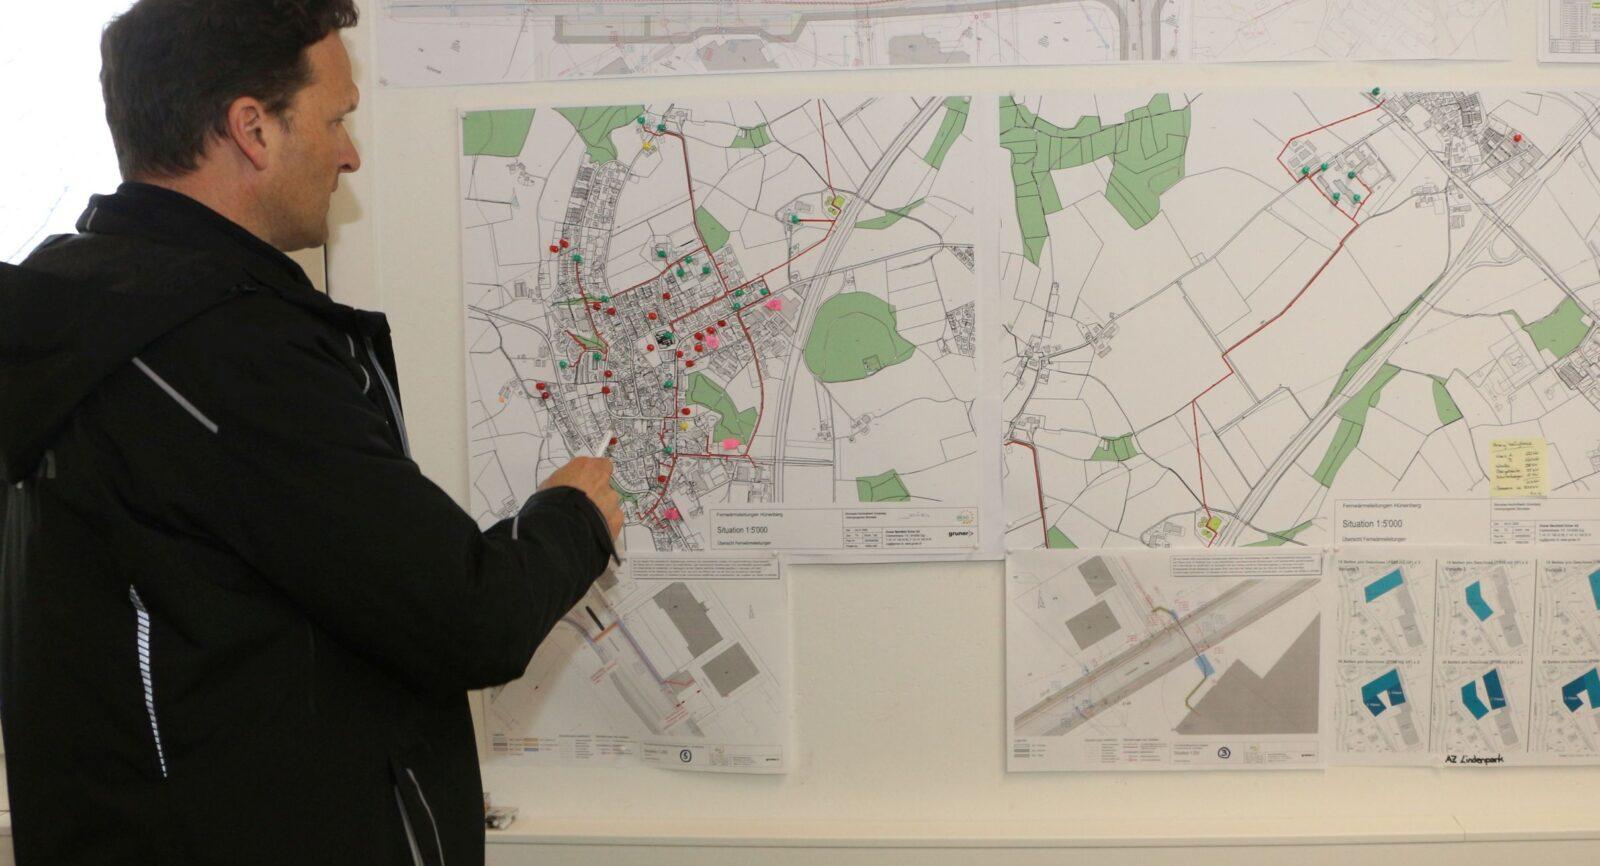 Im Büro von BiEAG-Geschäftsführer Patrick Birrer symbolisieren bunte Stecknadelköpfe auf dem Kartenausschnitt von Hünenberg aktuelle Anfragen von Liegenschaftseignern zu Anschlüssen ans Fernwärmenetz.